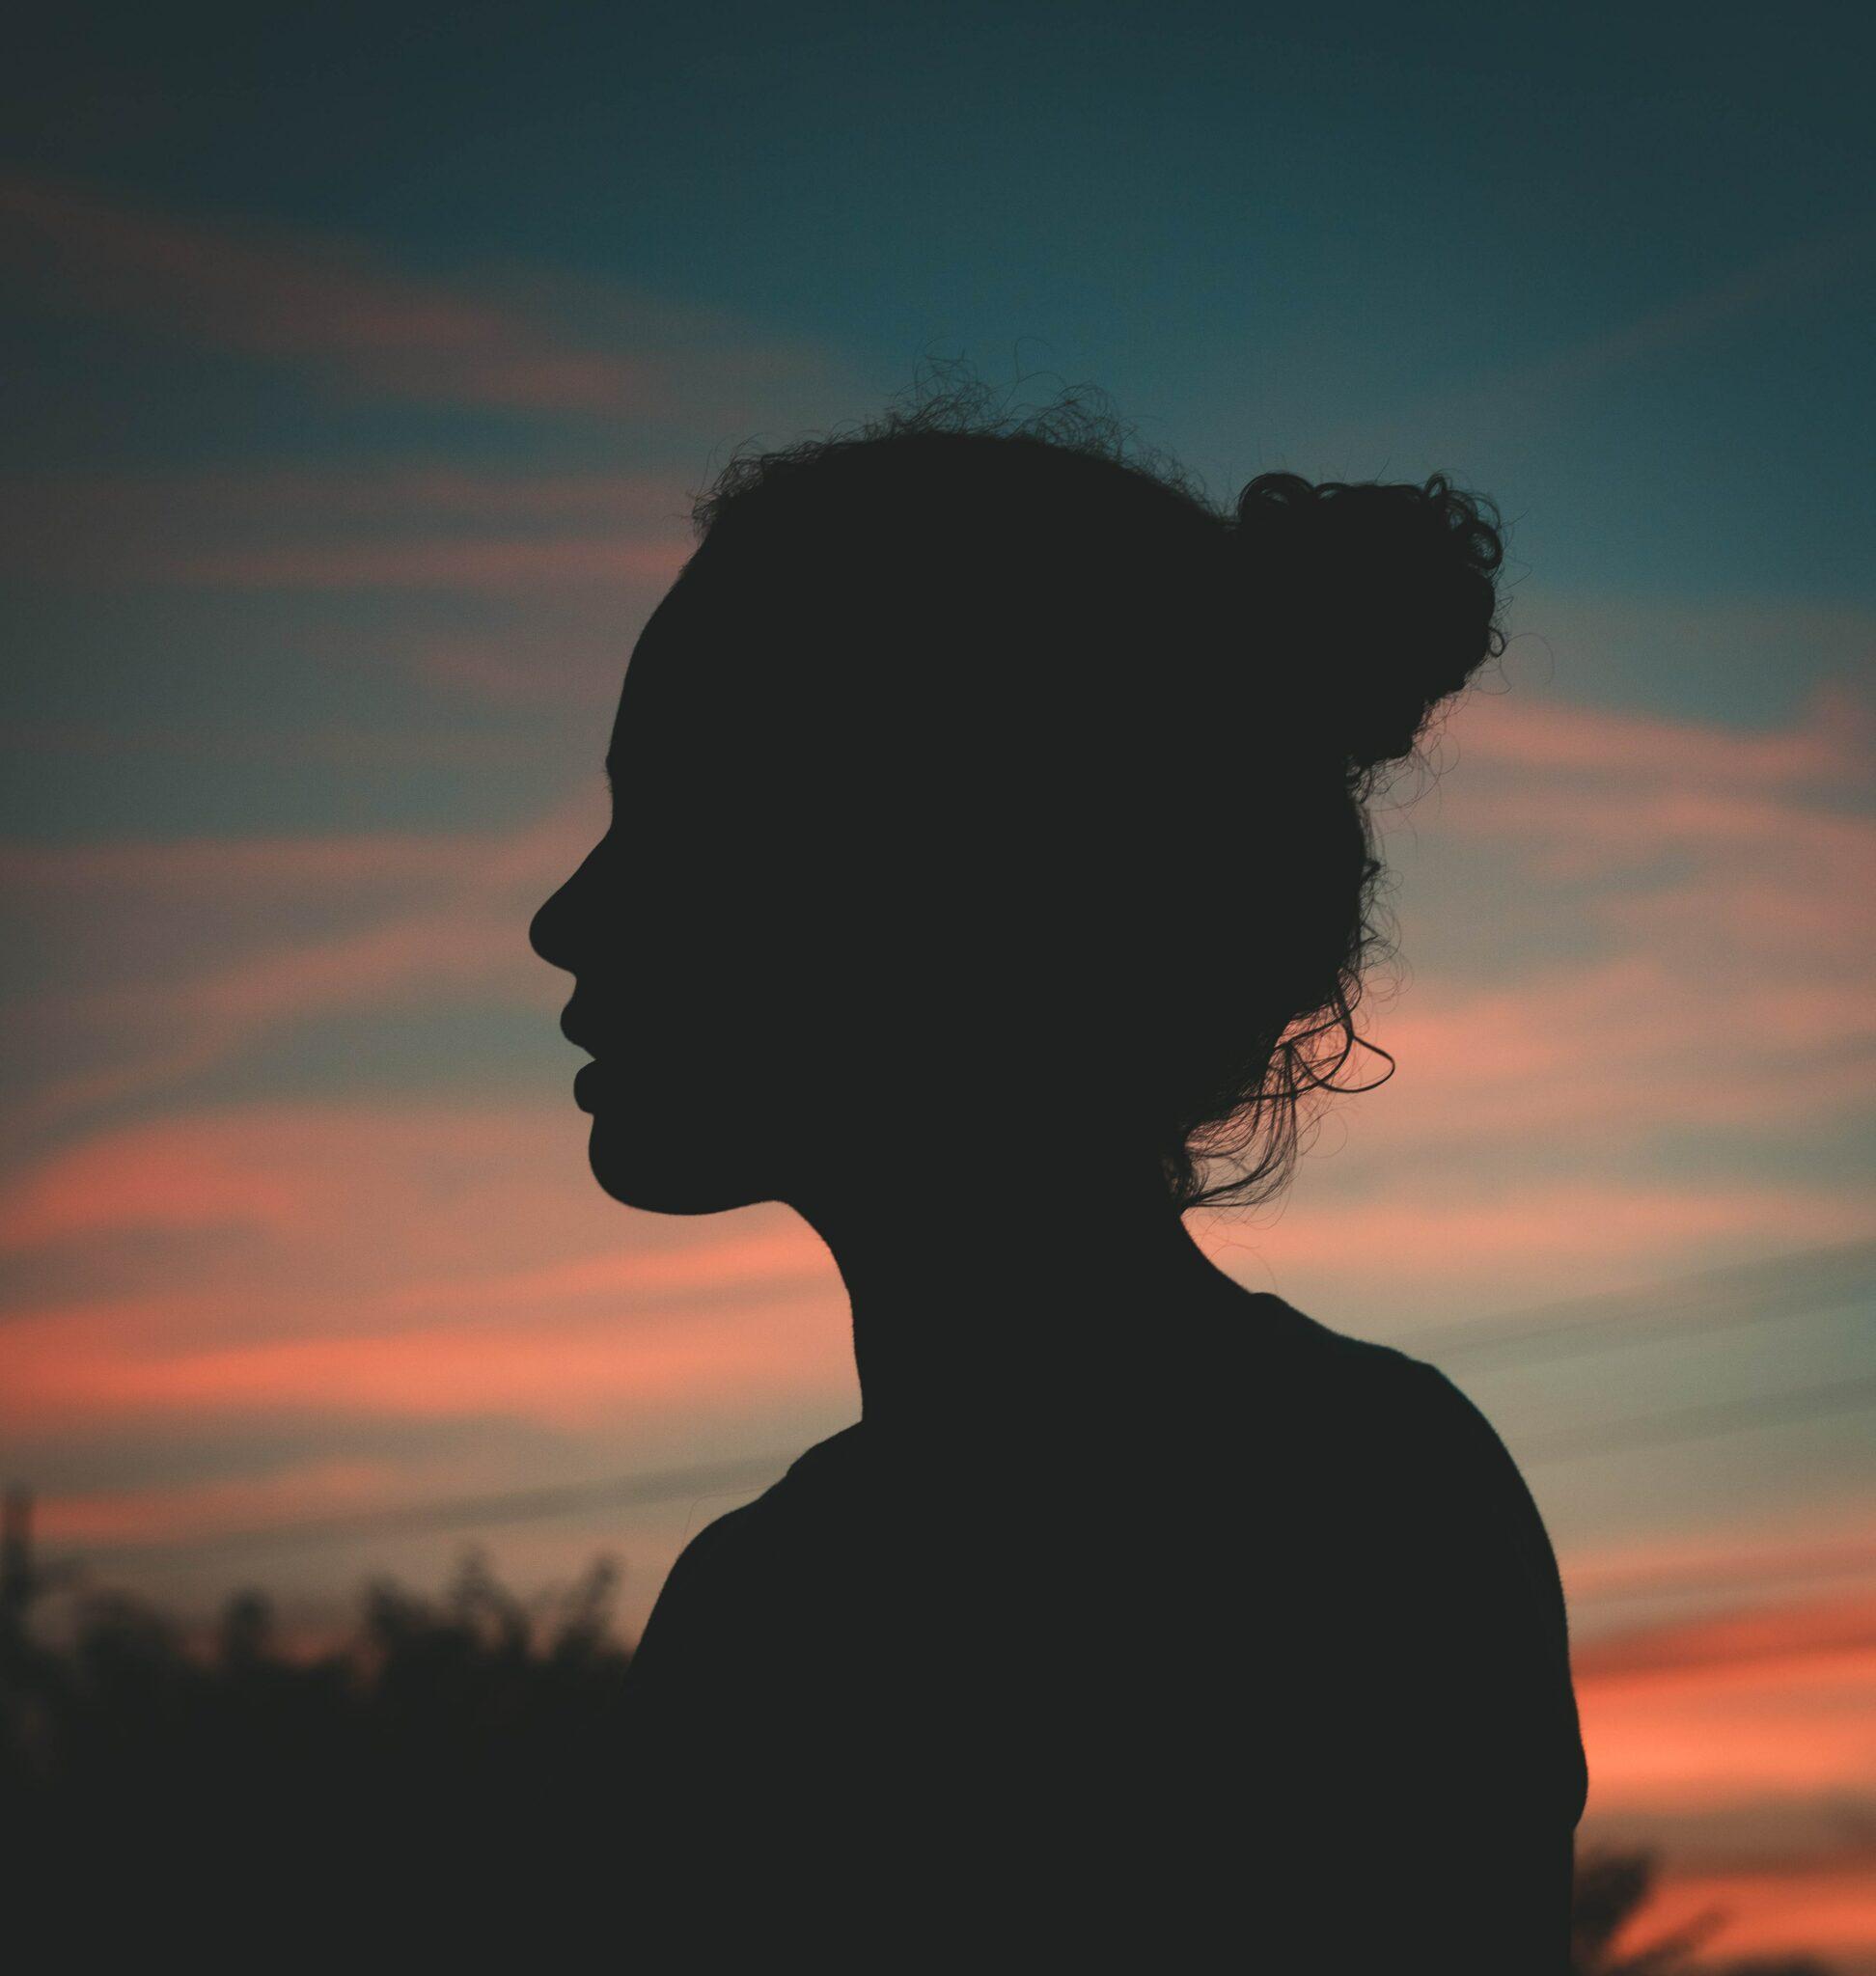 silhouette-female